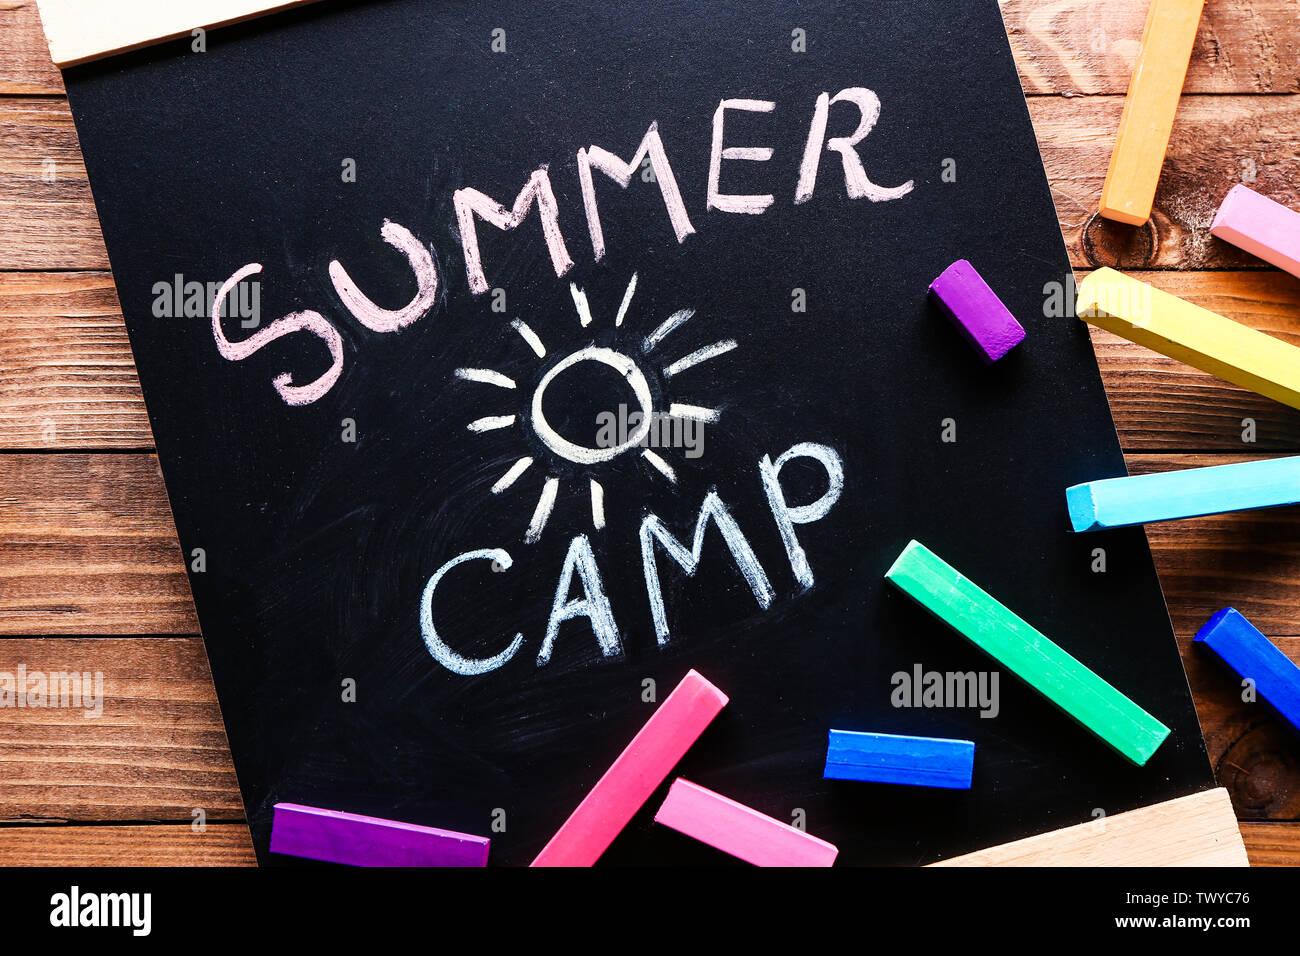 Tableau avec texte SUMMER CAMP et craies sur table en bois Photo Stock